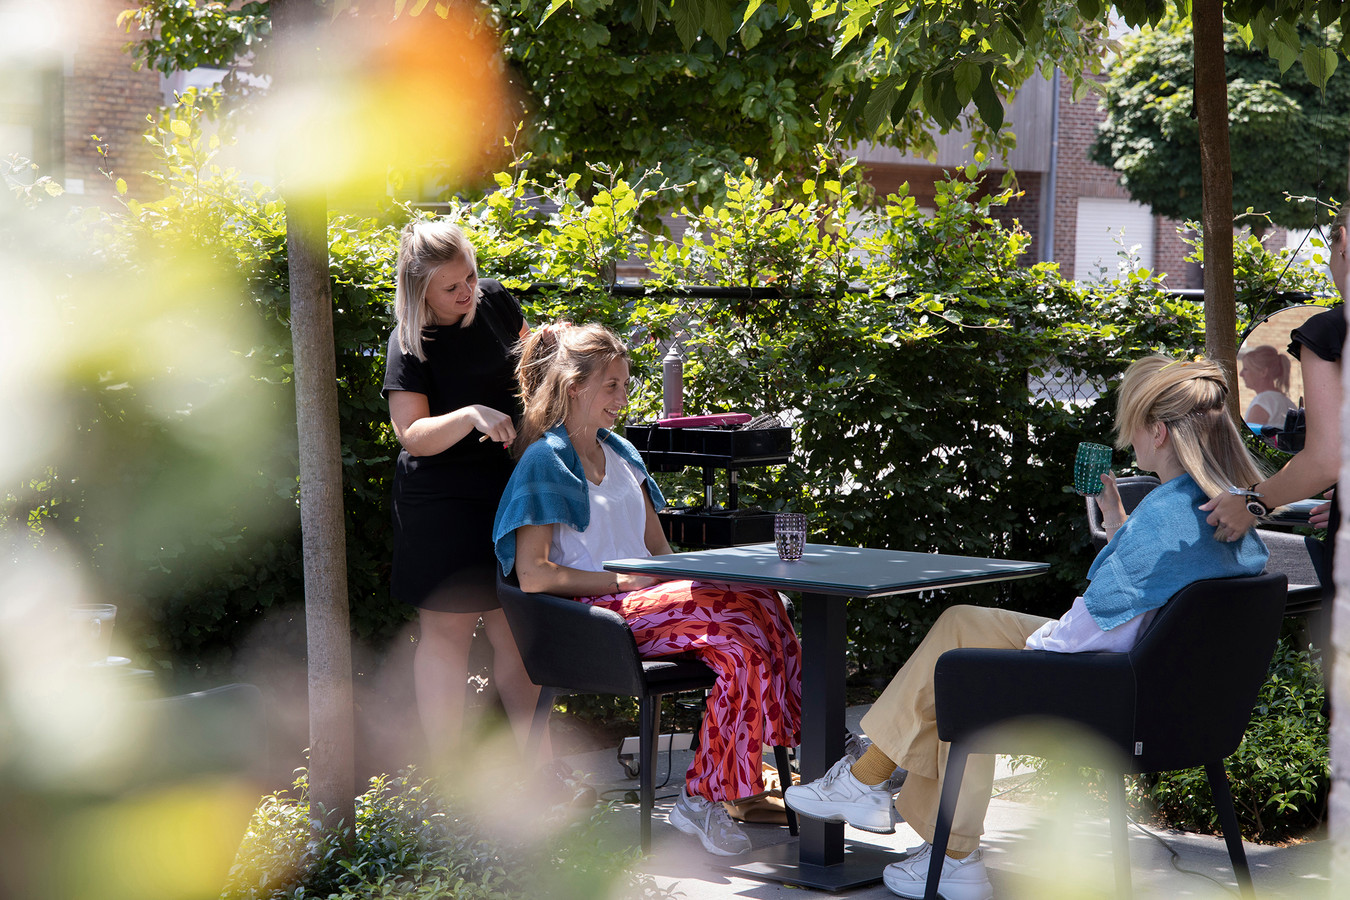 Een kapsalon in openlucht. Héérlijk, met dit zomerweer. Sunny Looks bevindt zich op het terras van Lucky Looks, aan de Oudenaardsesteenweg in Kortrijk.